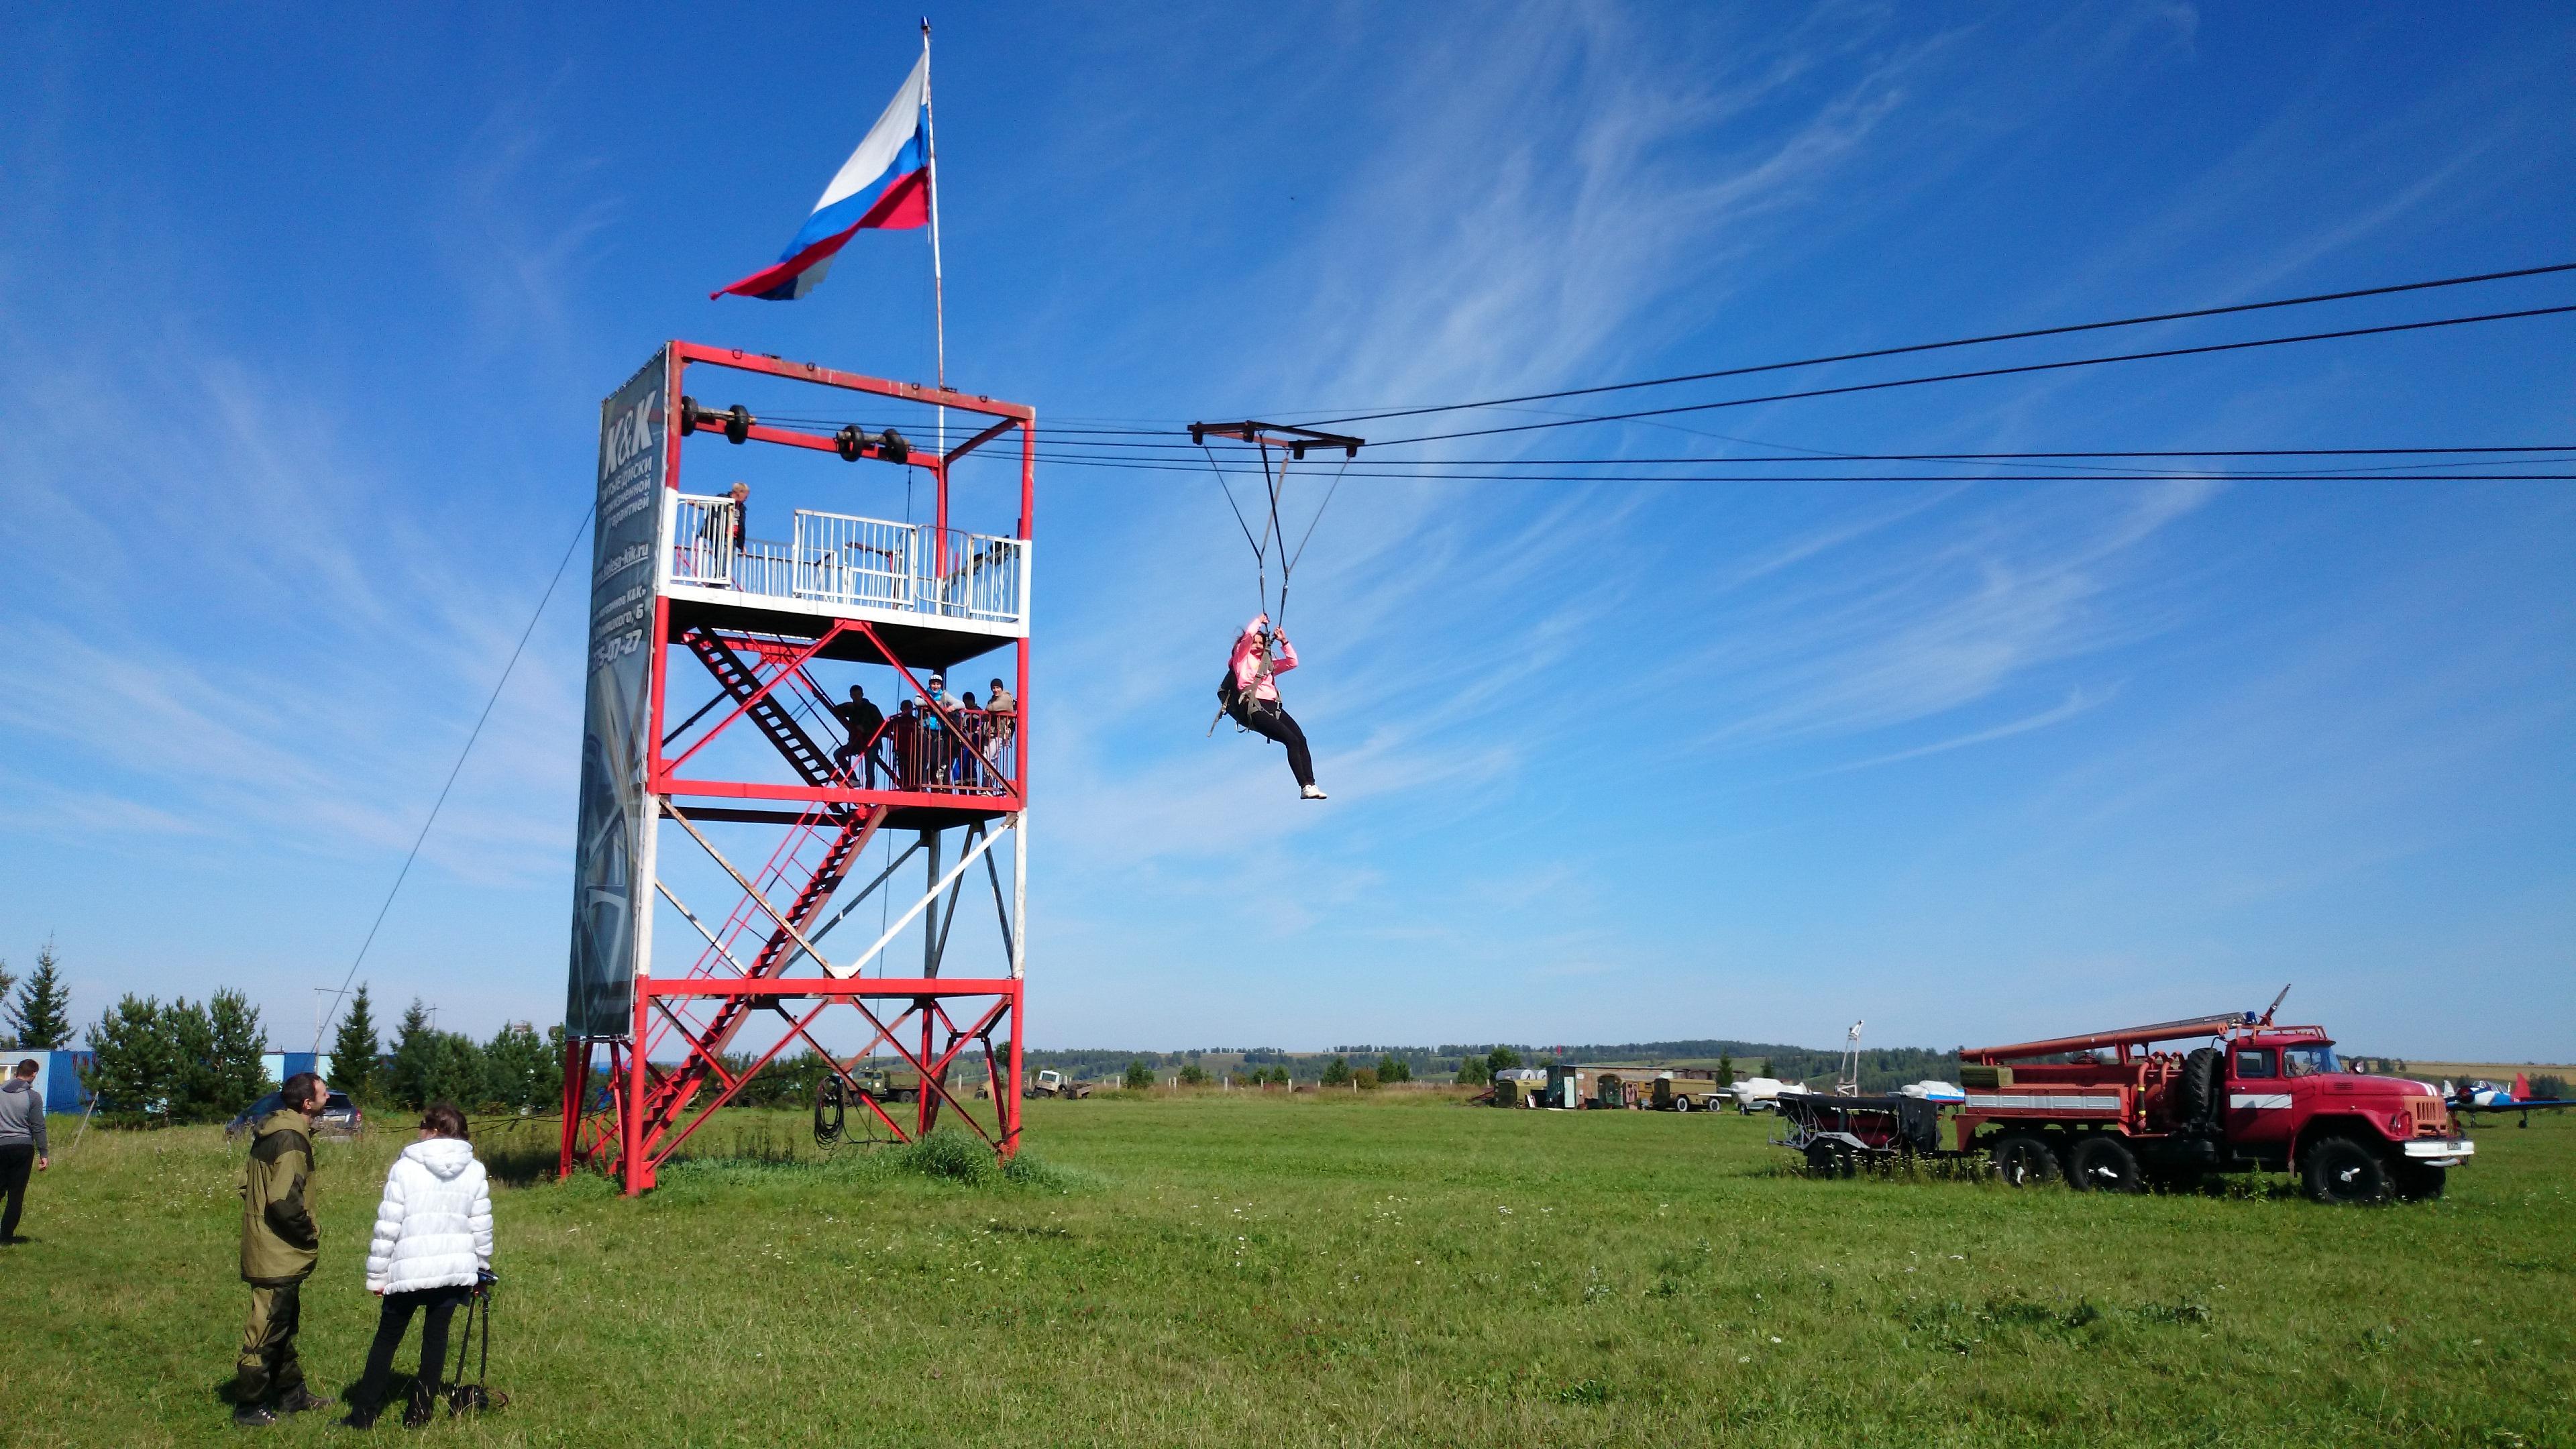 Красноярск Аэродром ДОСААФ Манский Вышка для обучения парашютистов